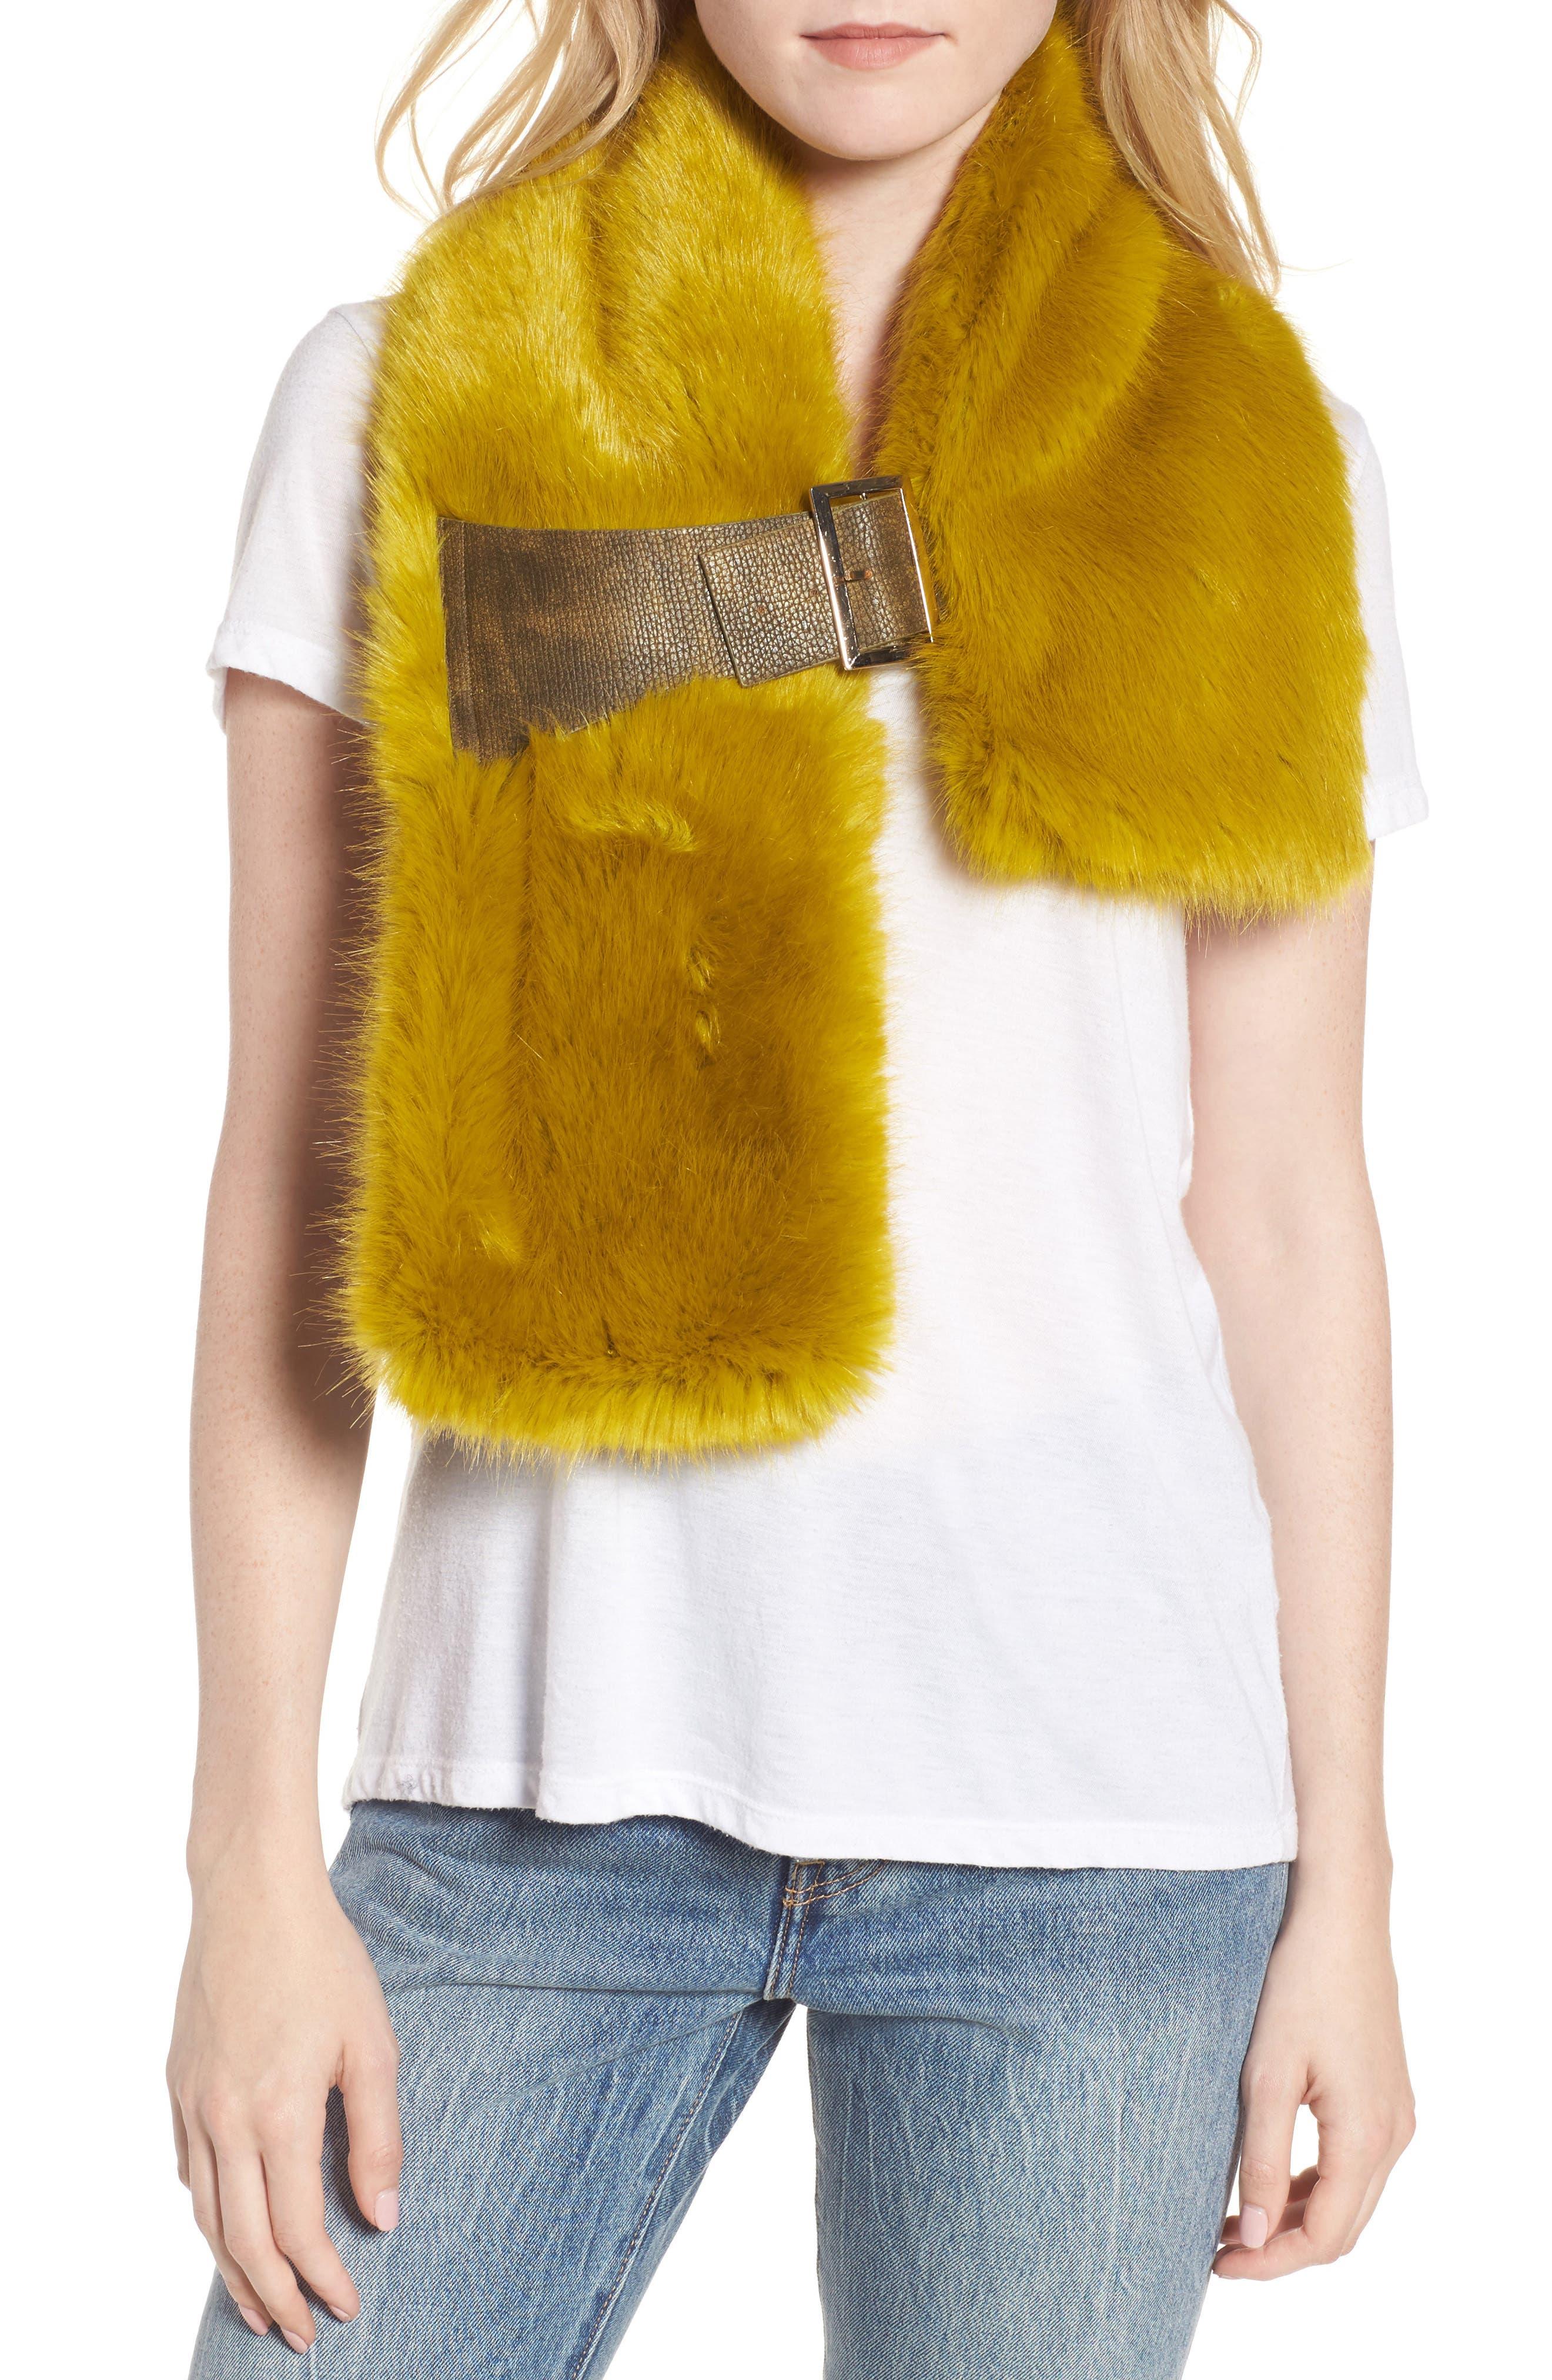 Heurueh Buckled Faux Fur Scarf